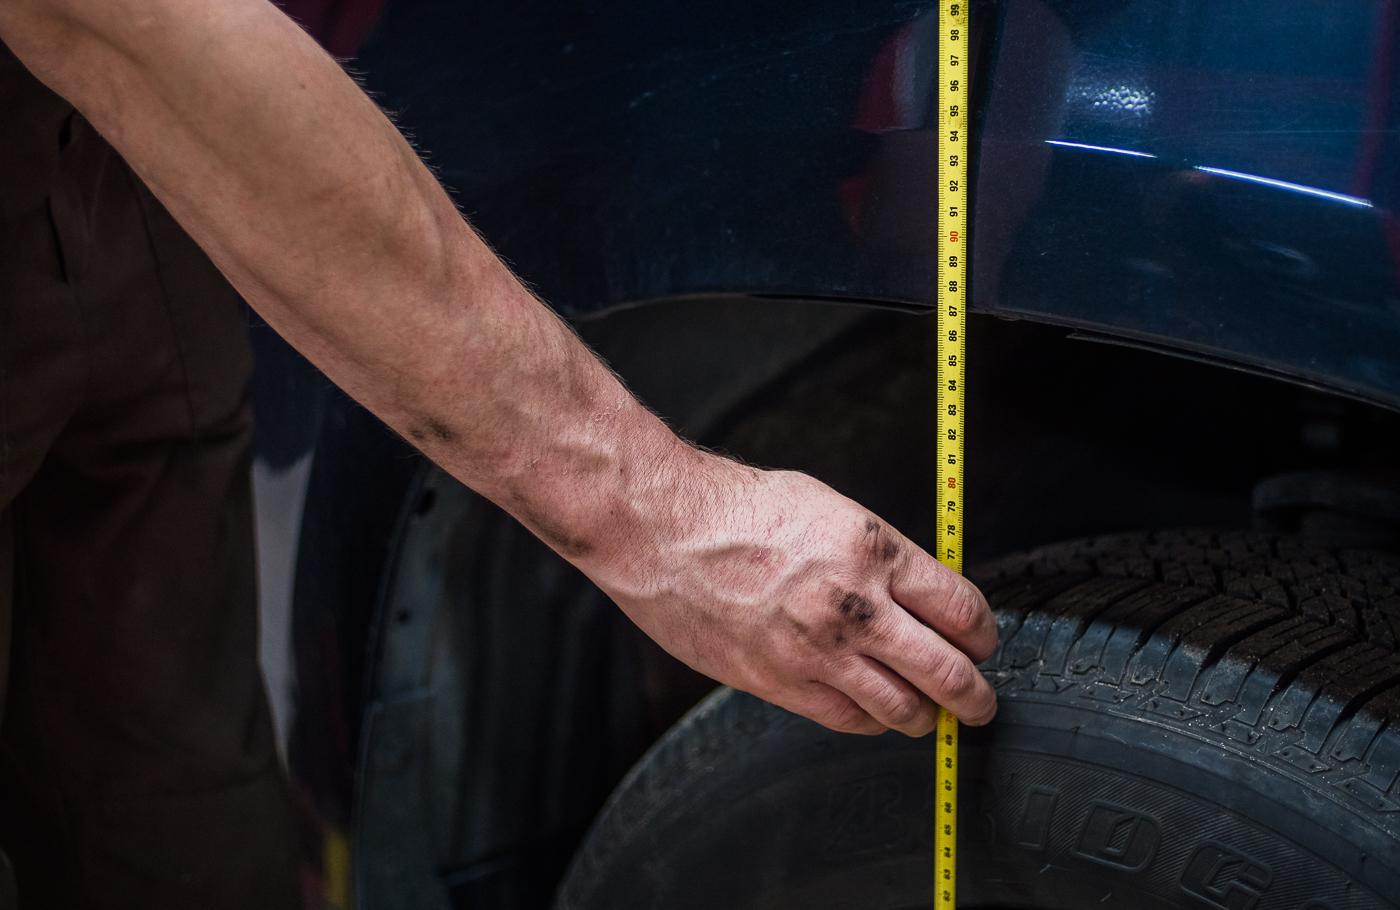 Если загорелся сигнальный индикатор Toyota Land Cruiser Prado 150 | Издательство Монолит